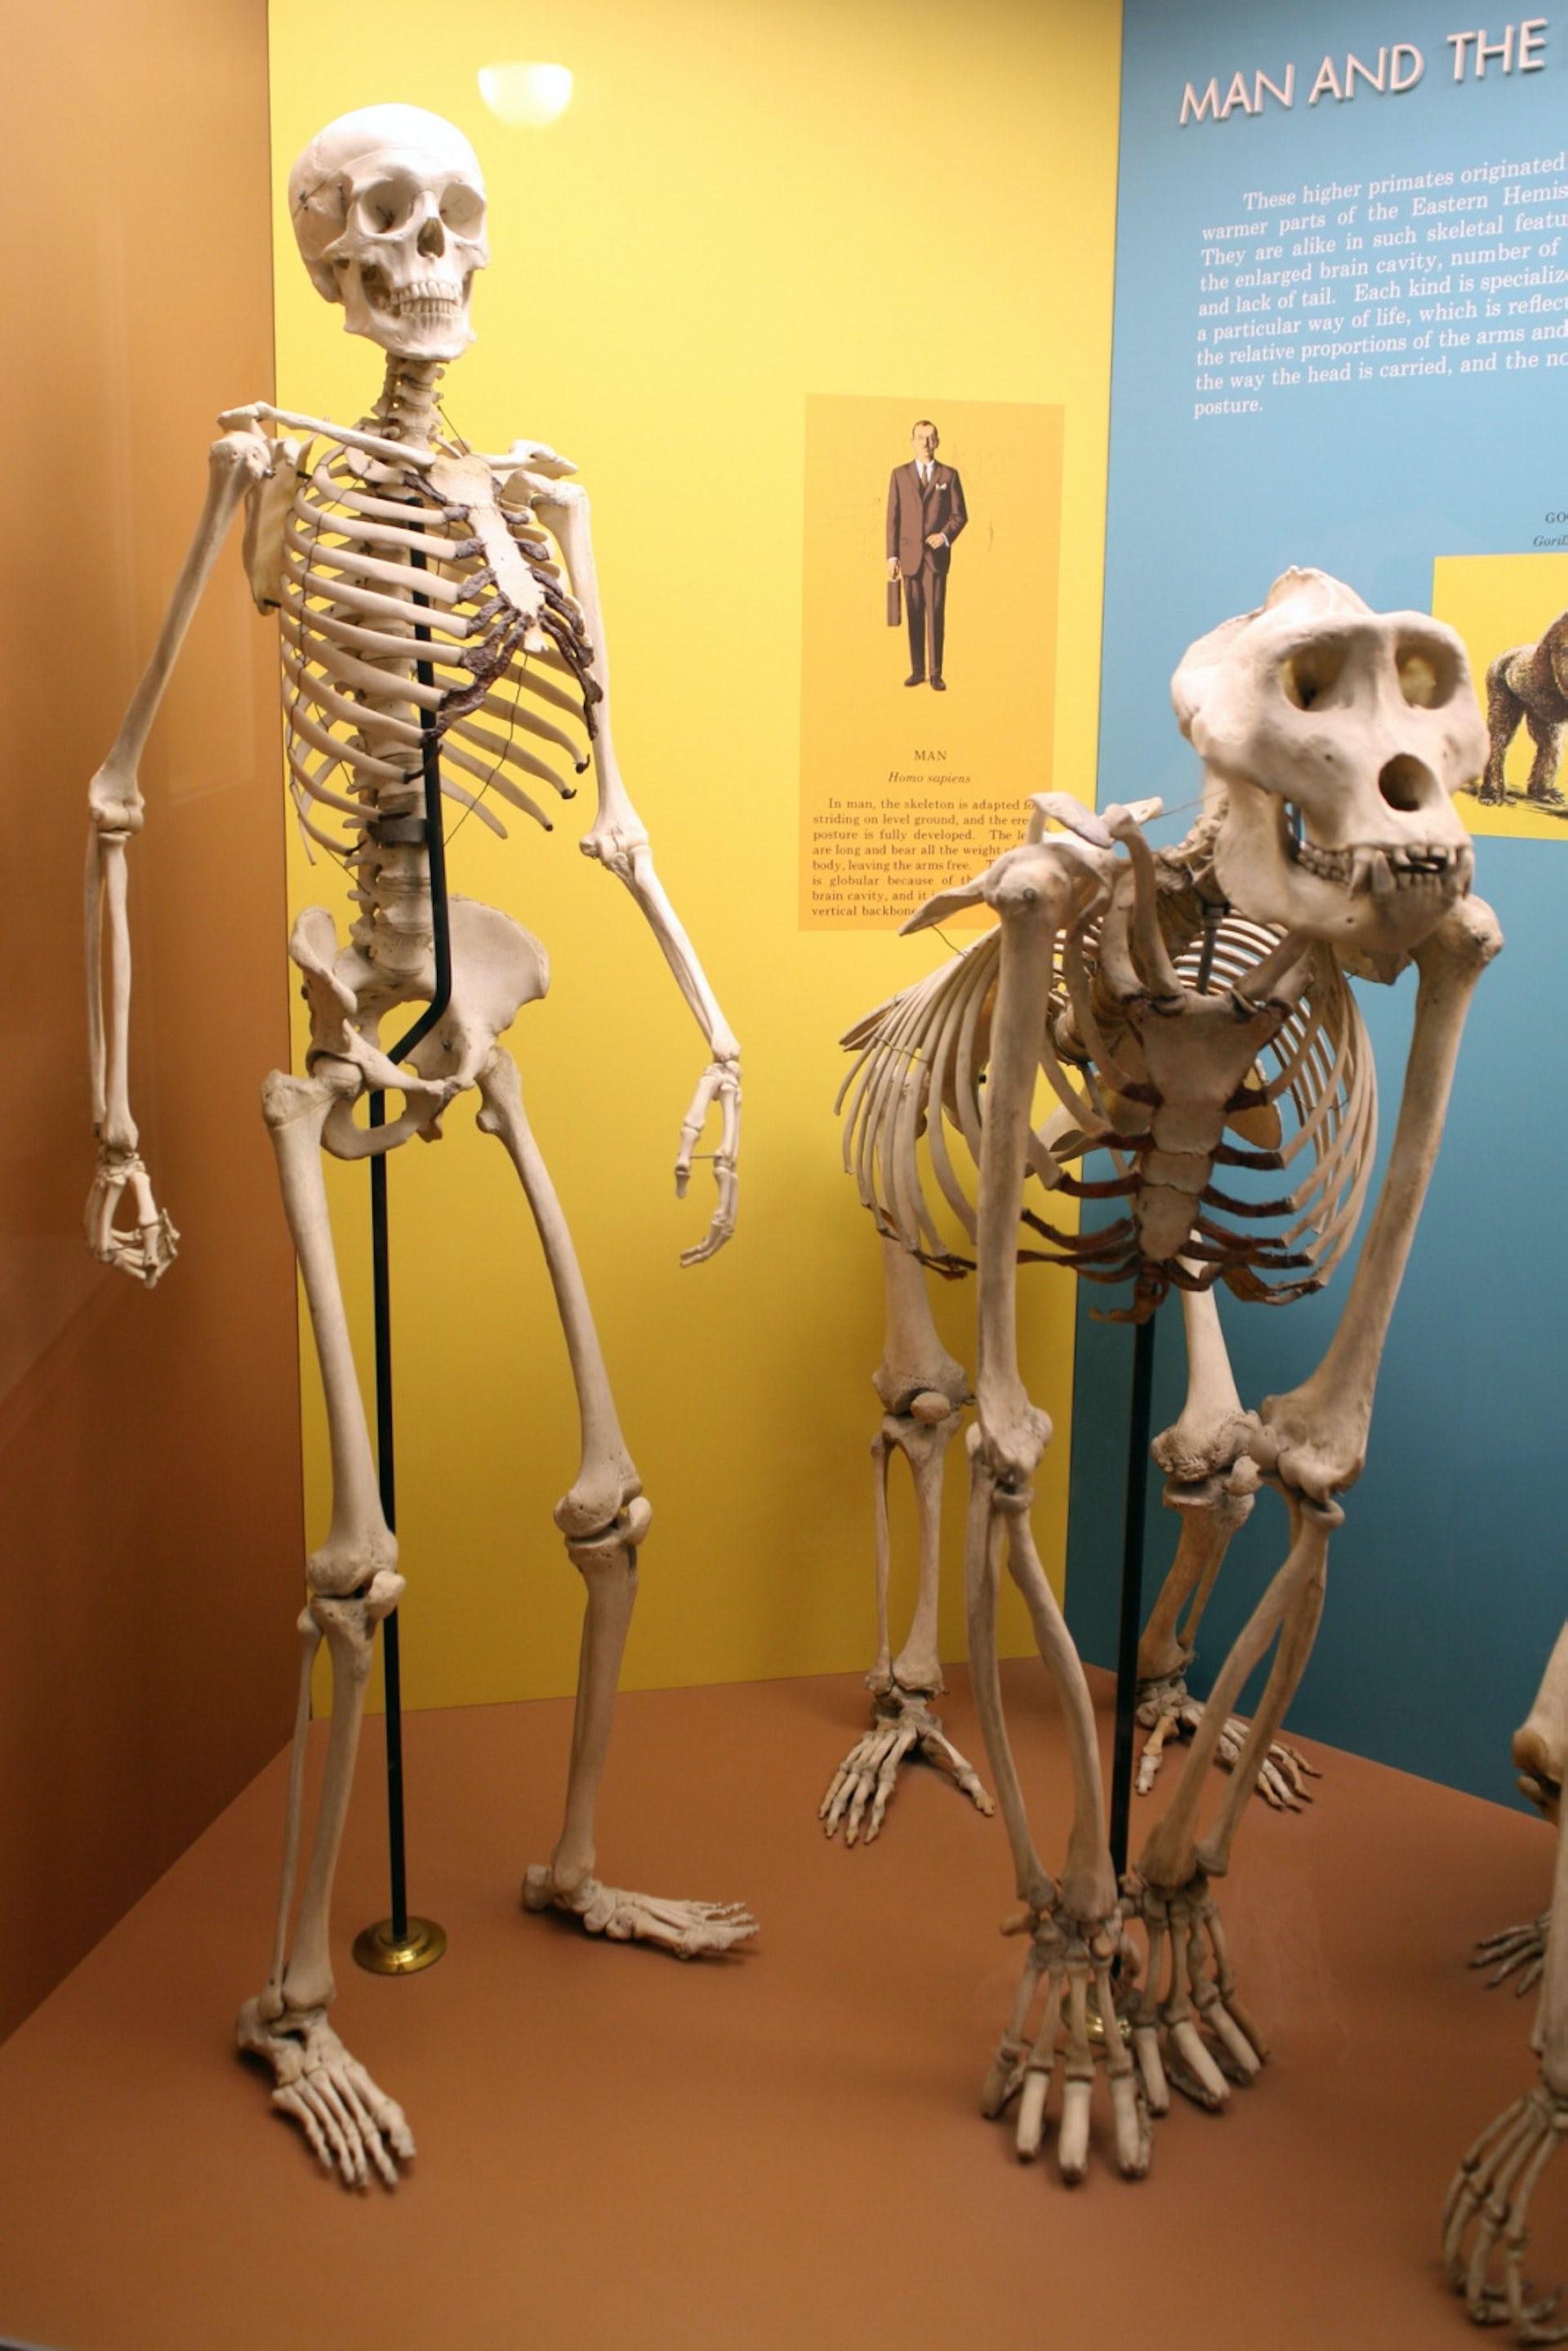 An upright human skeleton next to a gorilla skeleton on all fours.